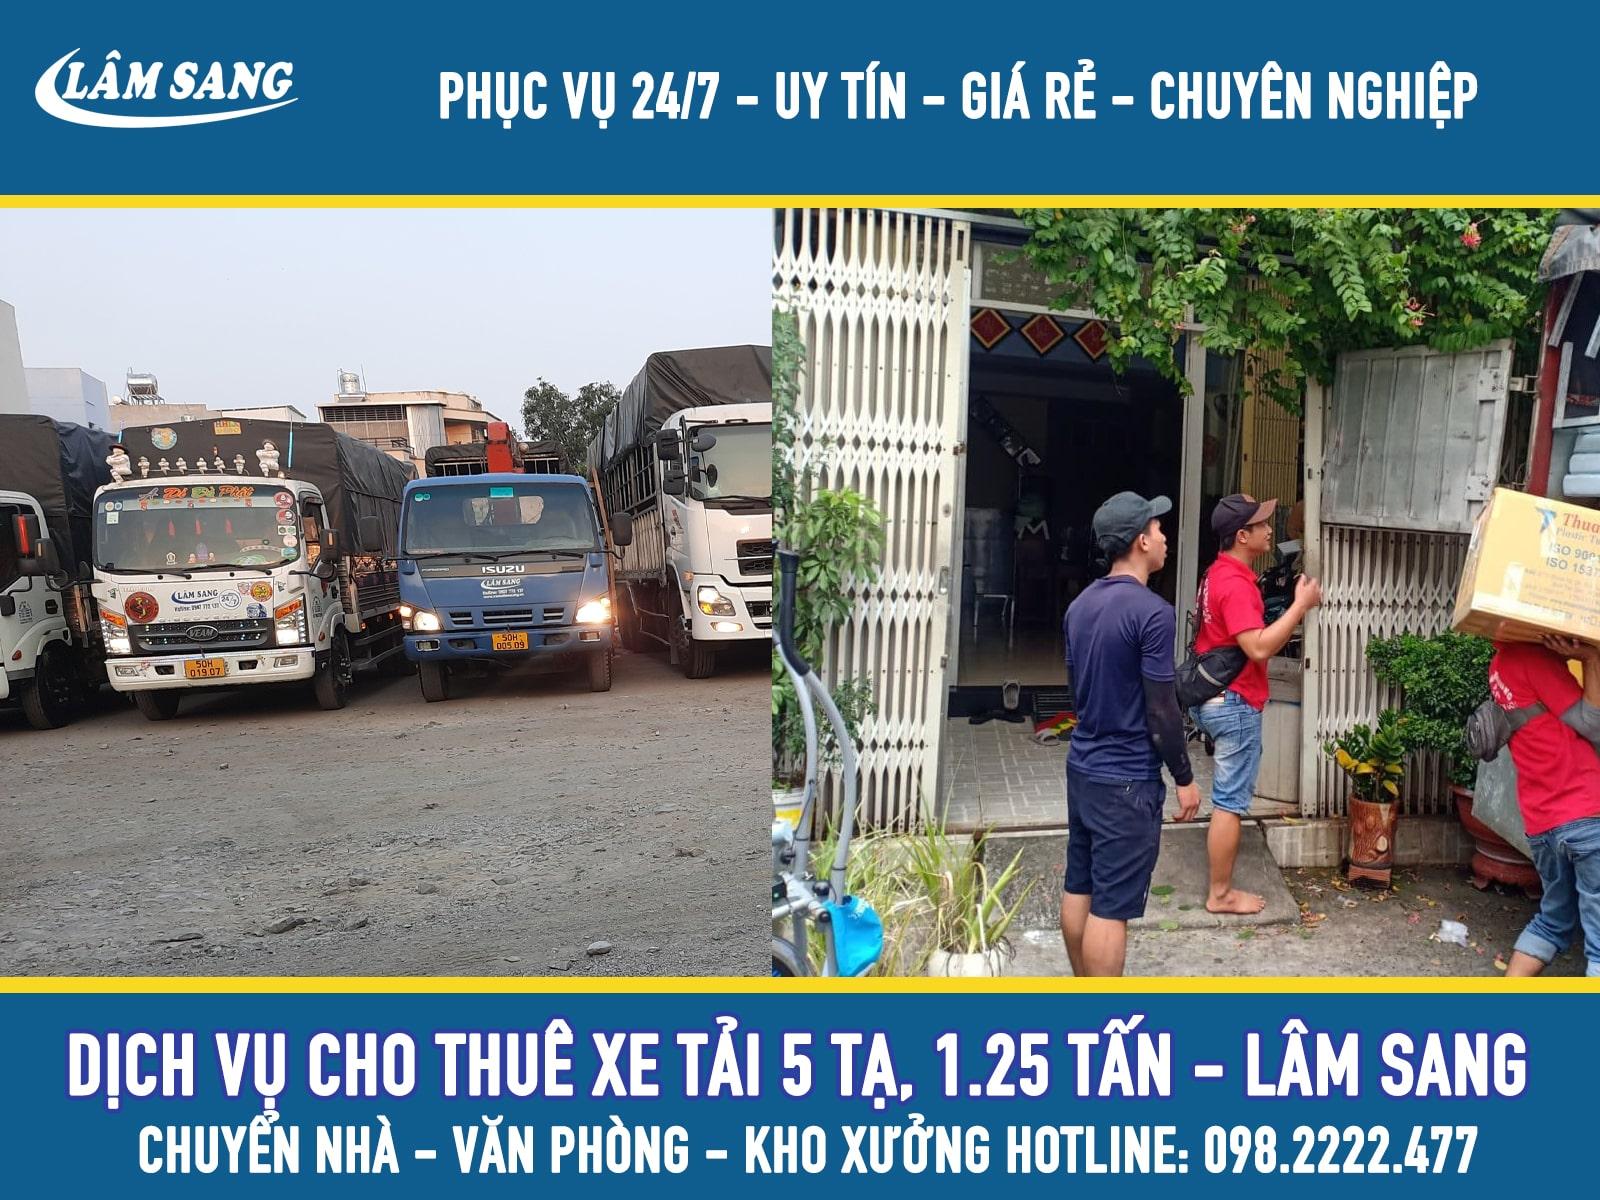 Cho thuê xe tải chở hàng 1.25 giao nhận hàng nội thành